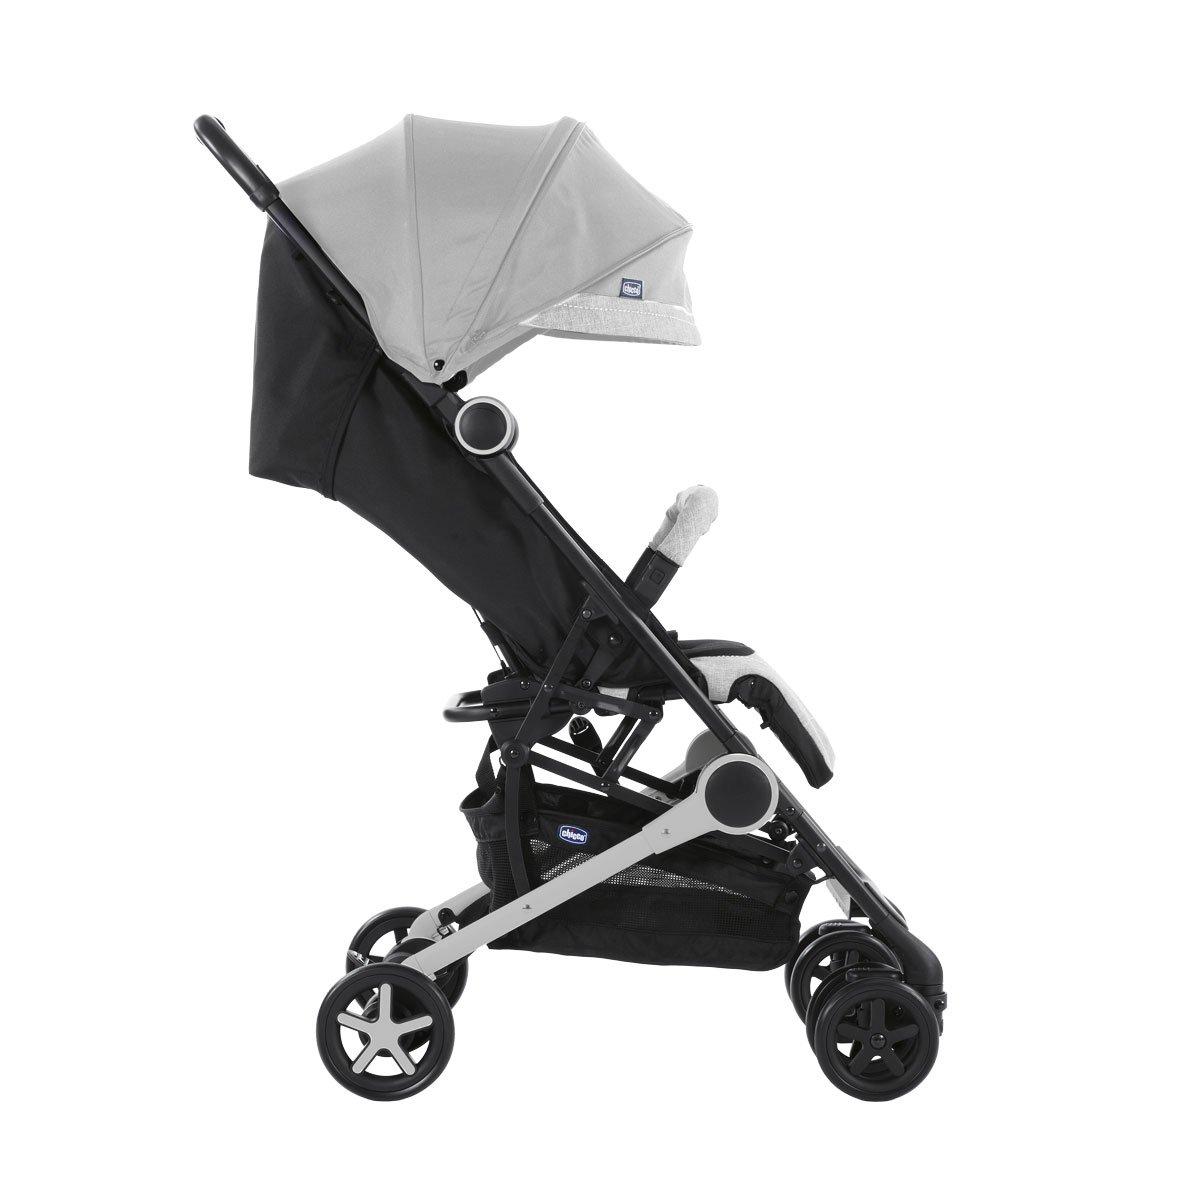 Chicco Miinimo2 - Silla de paseo ultracompacta y ligera, 6 kg, color gris